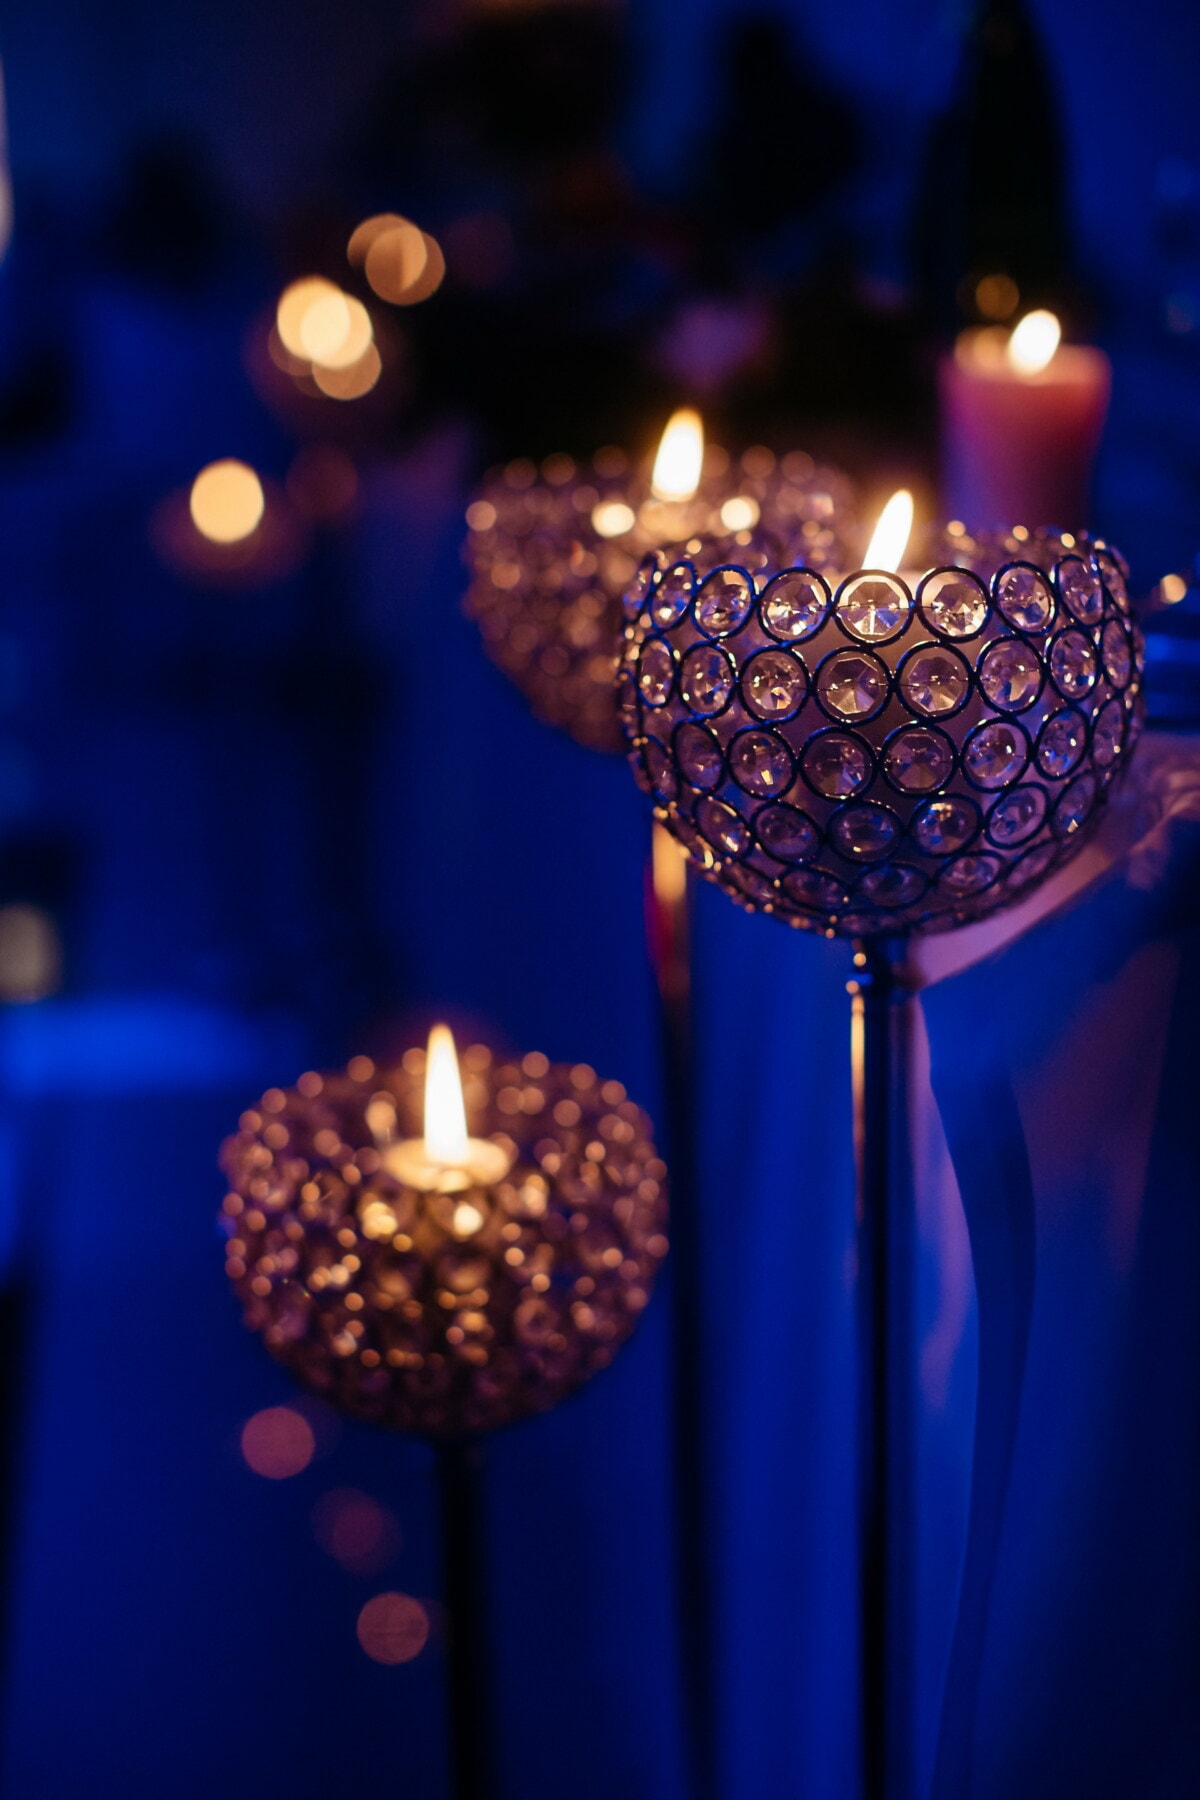 fint, ljusstake, eleganta, natten, natt, kristall, ljus, ljus, levande ljus, lysande